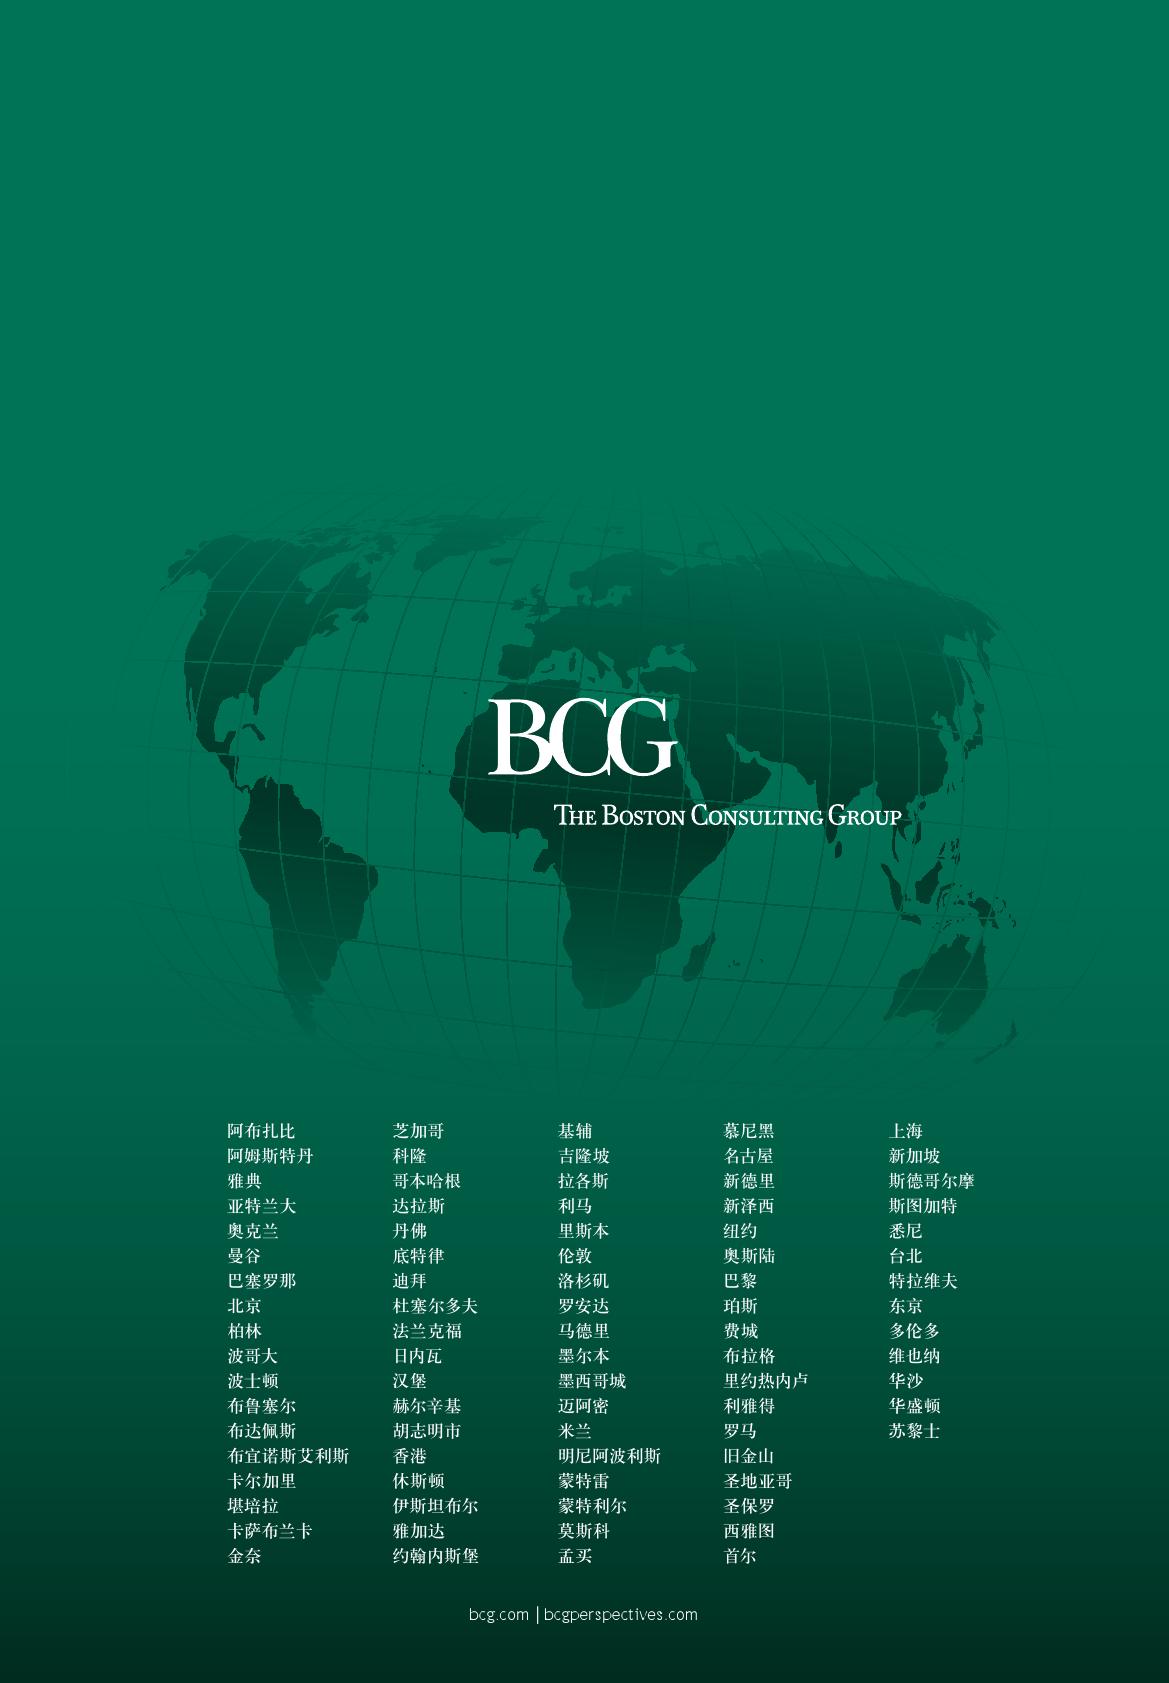 2016全球金融市场及资产管理报告_000032